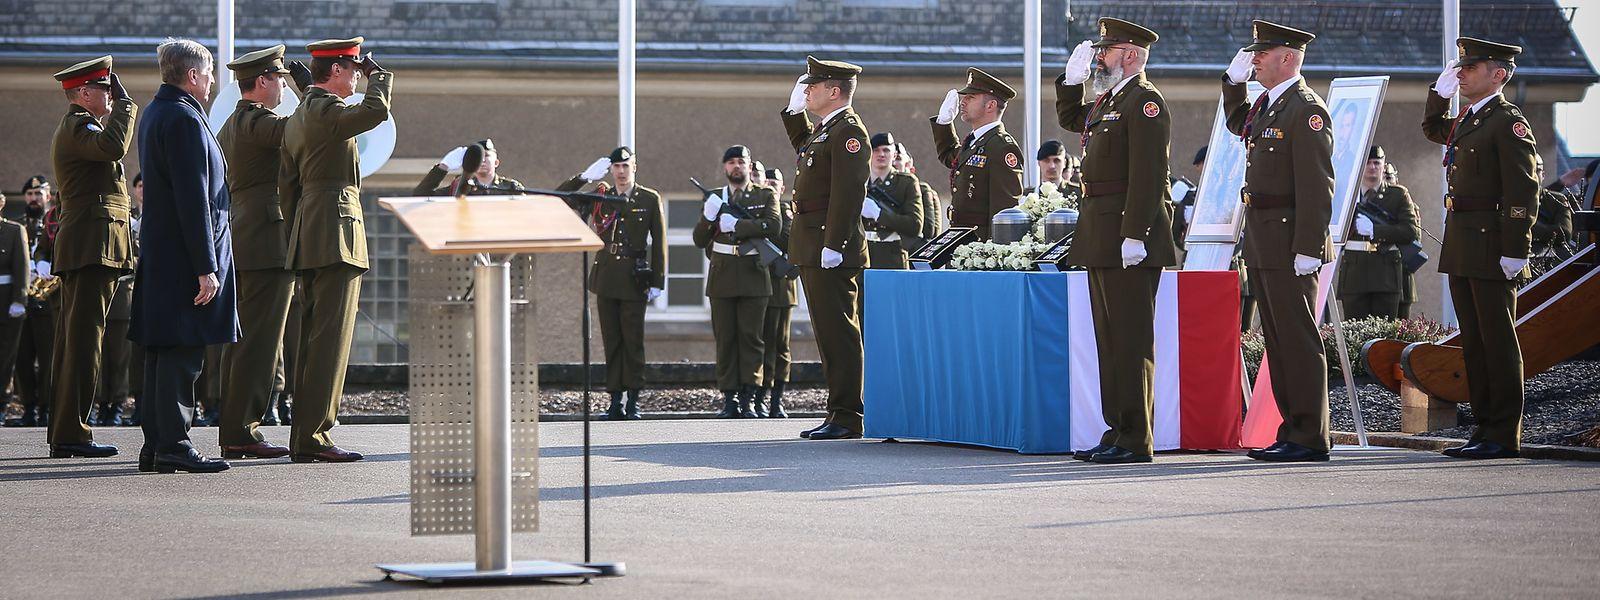 Le Grand-Duc, le prince Sébastien, accompagnés du ministre de la Défense, François Bausch, et du chef d'état-major de l'armée, général Alain Duschène, ont assisté à la cérémonie.